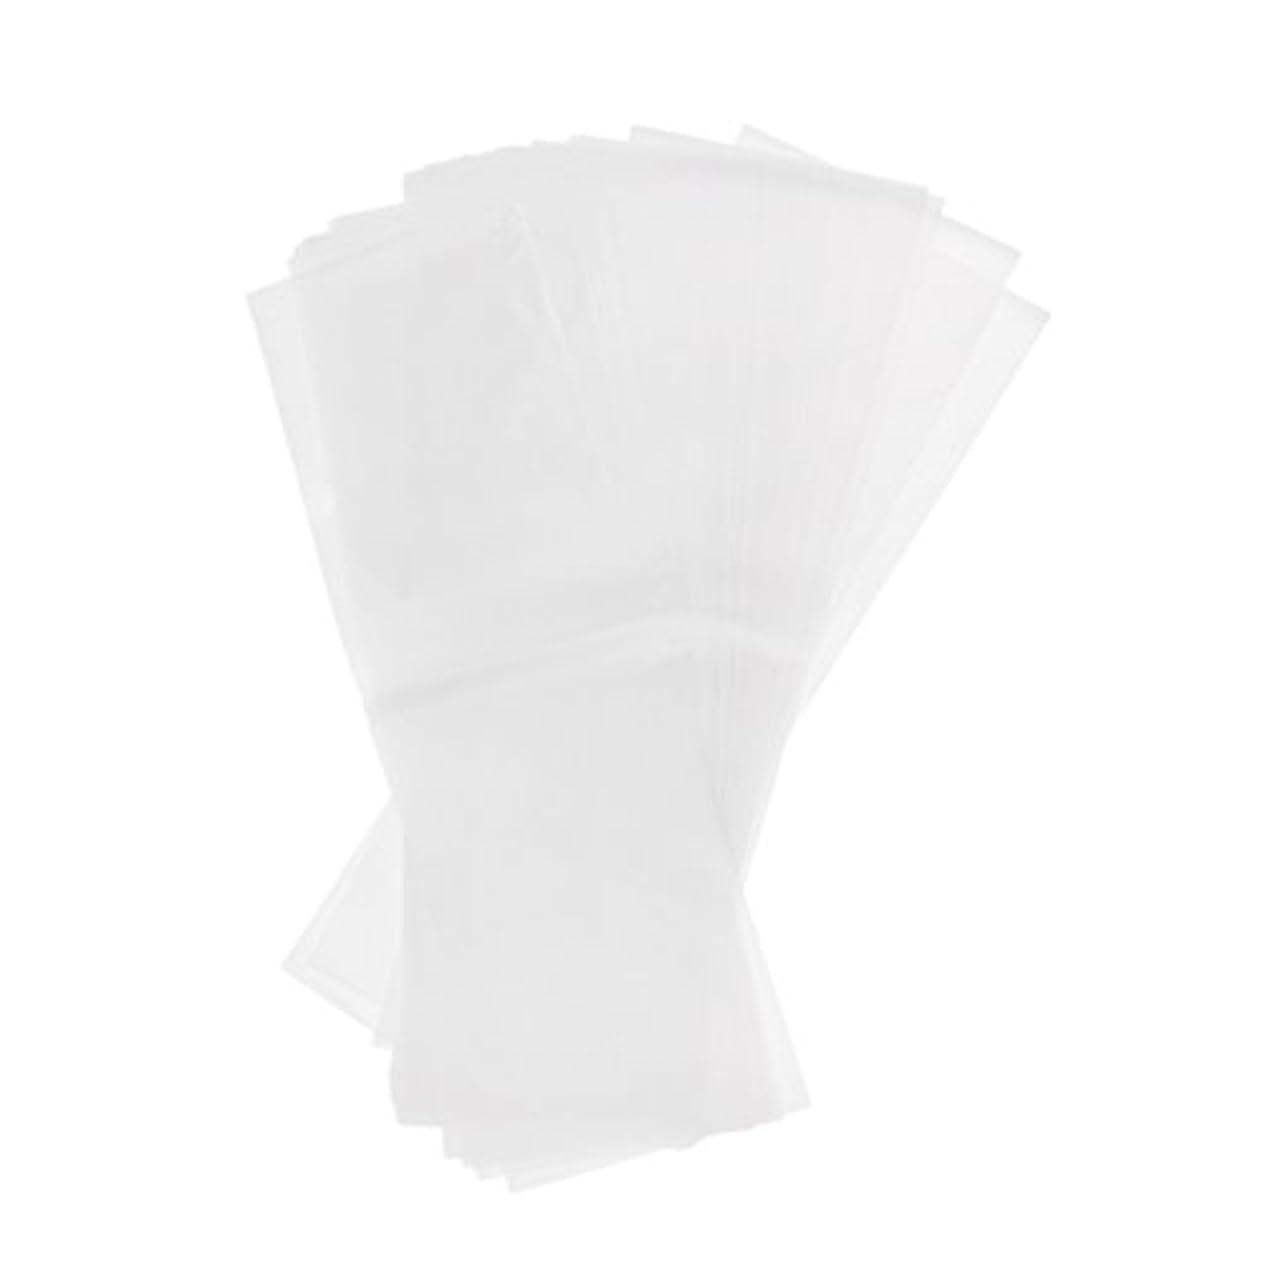 居住者水平遺伝的ヘアカラー 毛染め 分版用紙 ハイライトシート 毛染め紙 再利用可能な 透明 2仕様選べ - ホワイト